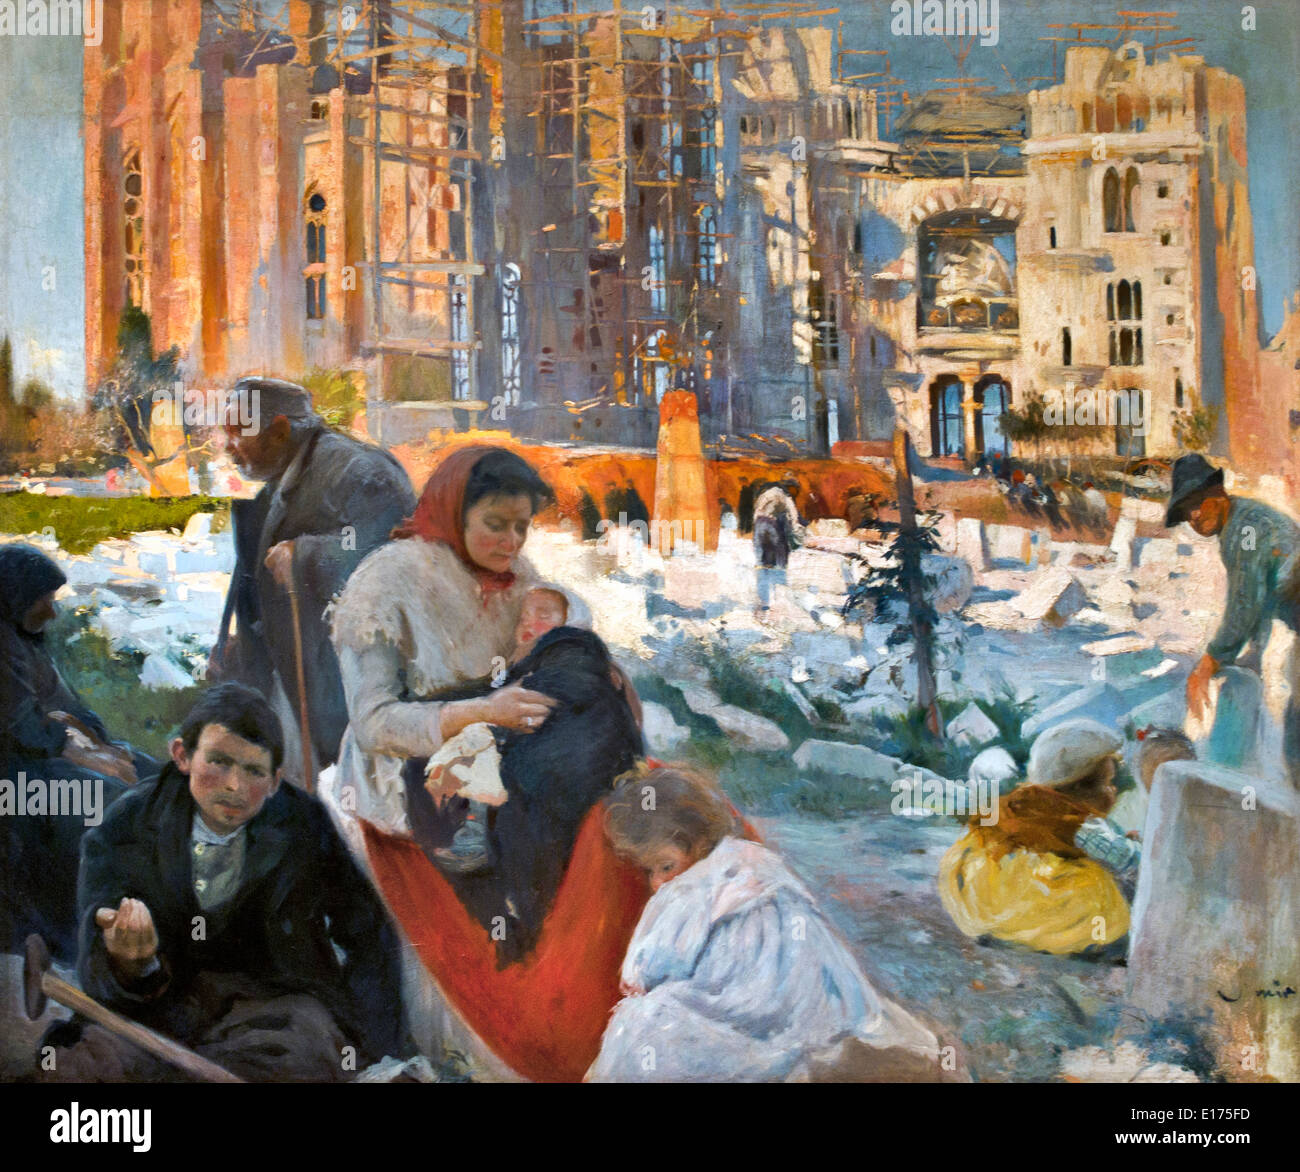 La Cathédrale des pauvres 1898 Joaquim Mir 1873-1940 Espagne Espagnol Photo Stock